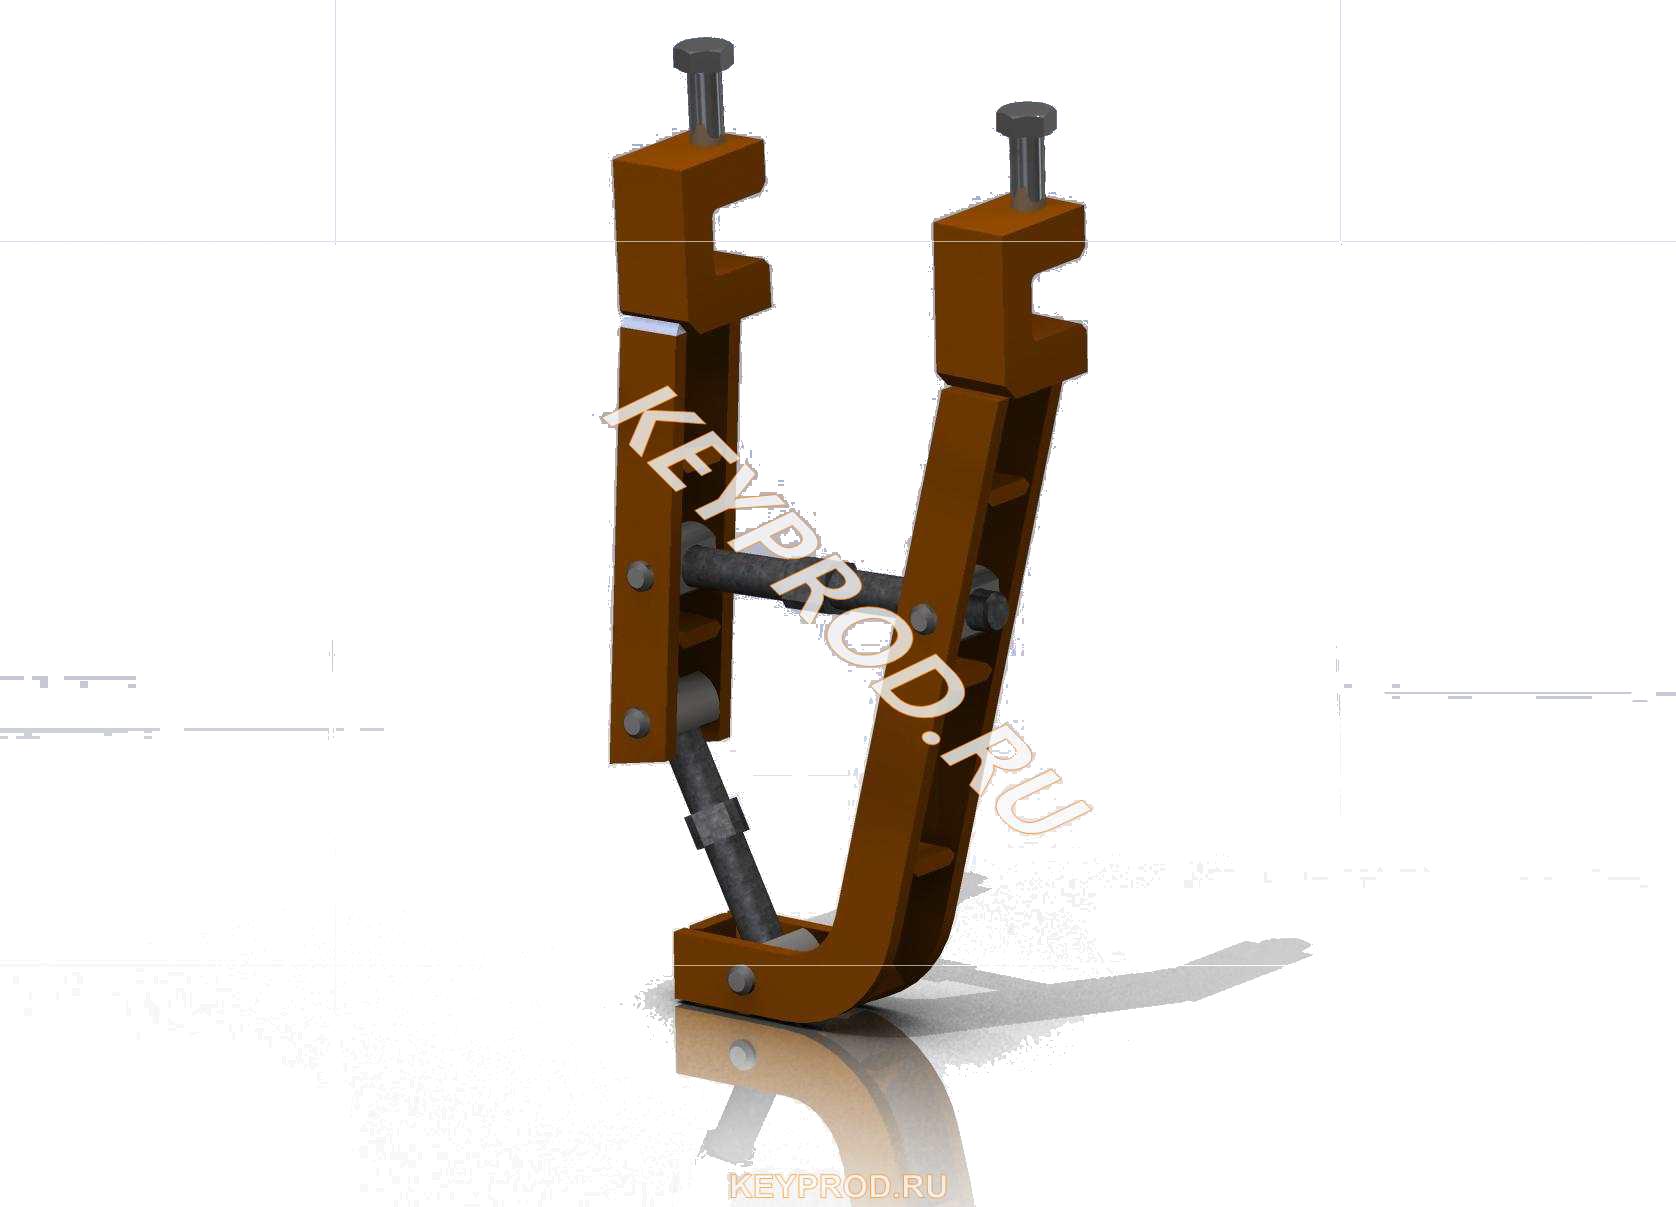 3D-модели и чертежи различной оснастки и приспособлений